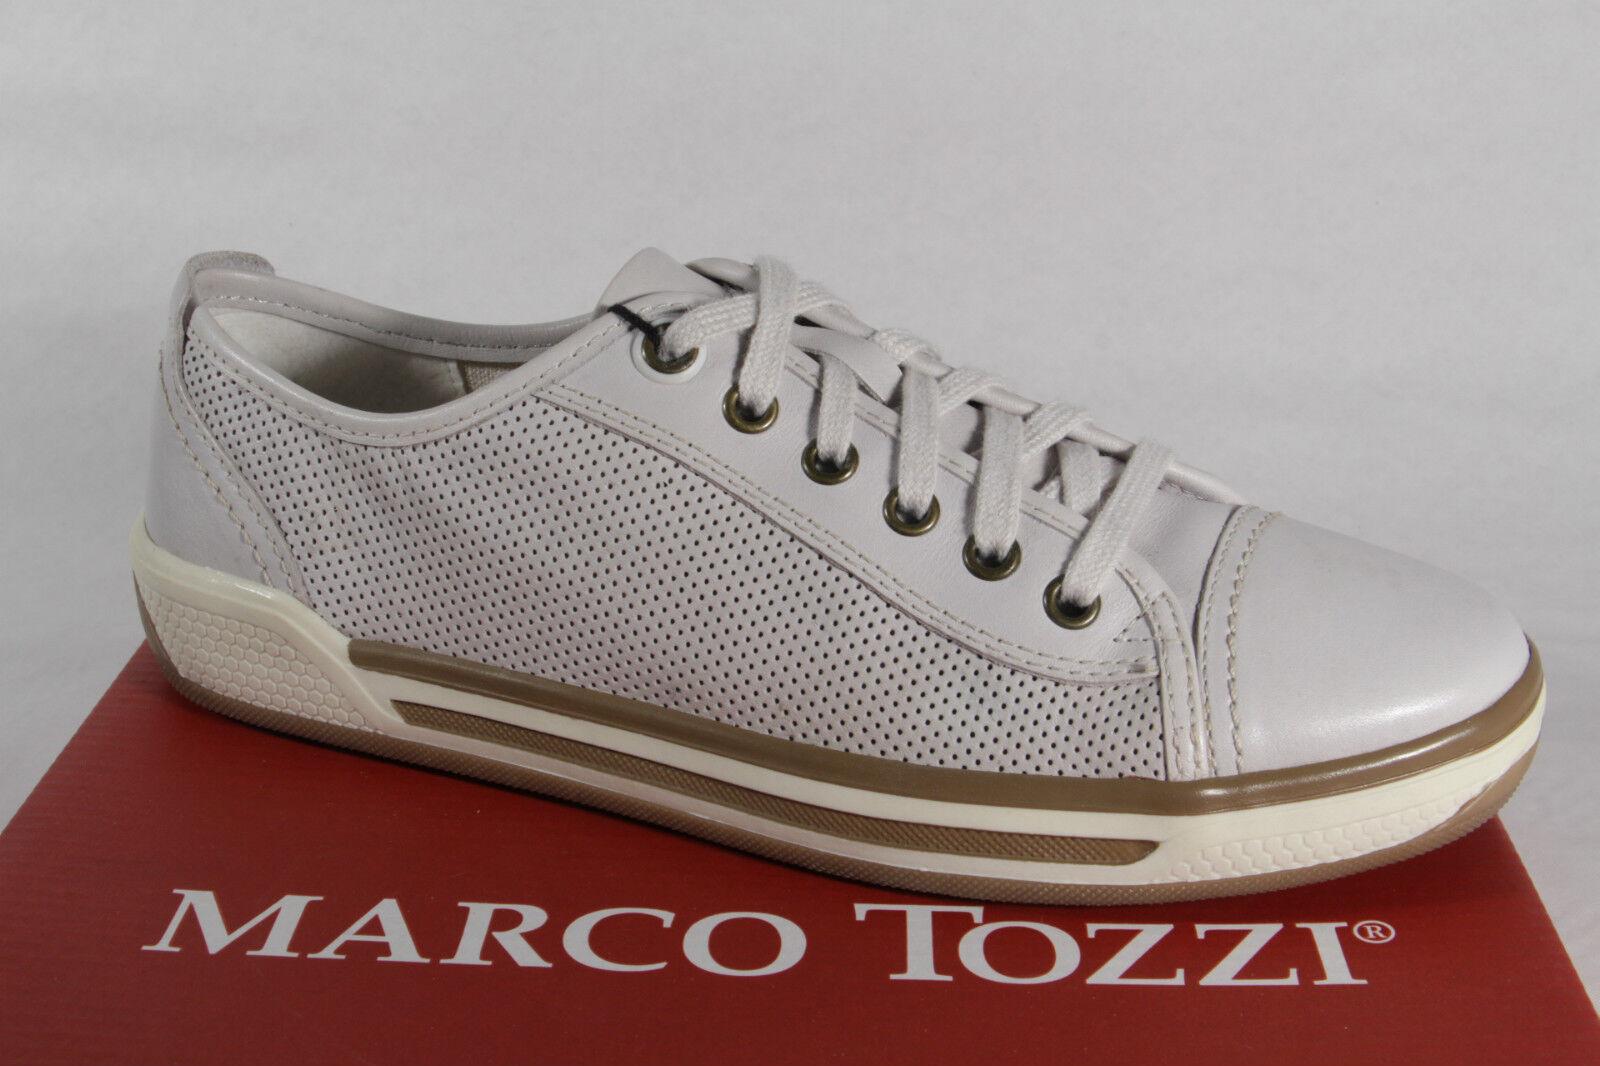 Marco Tozzi Scarpe con Lacci Scarpe da Ginnastica Basse Vero Cuoio Bianco Nuovo